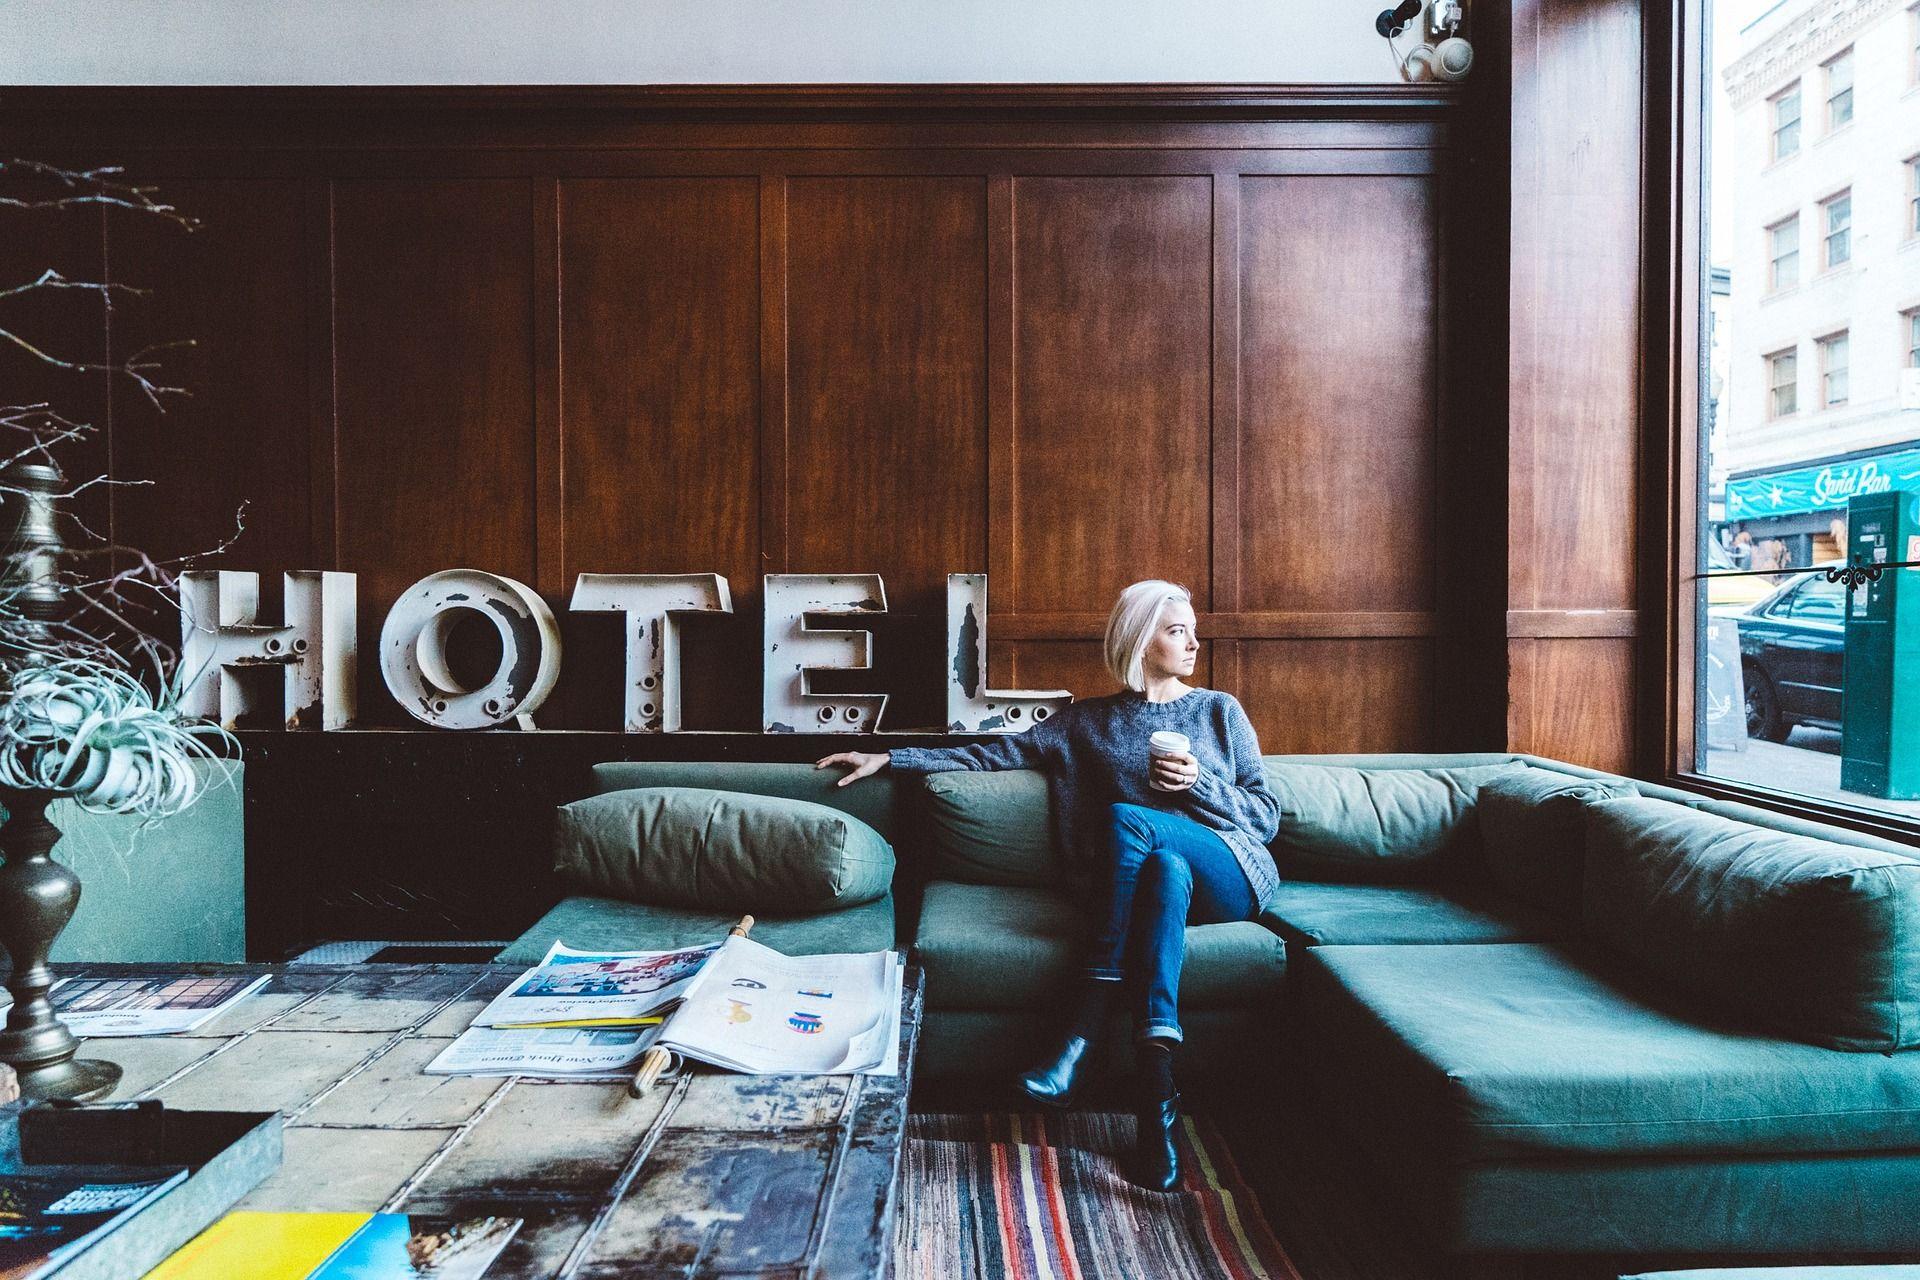 Рейтинг лучших недорогих отелей и гостиниц Ростова-на-Дону в 2021 году